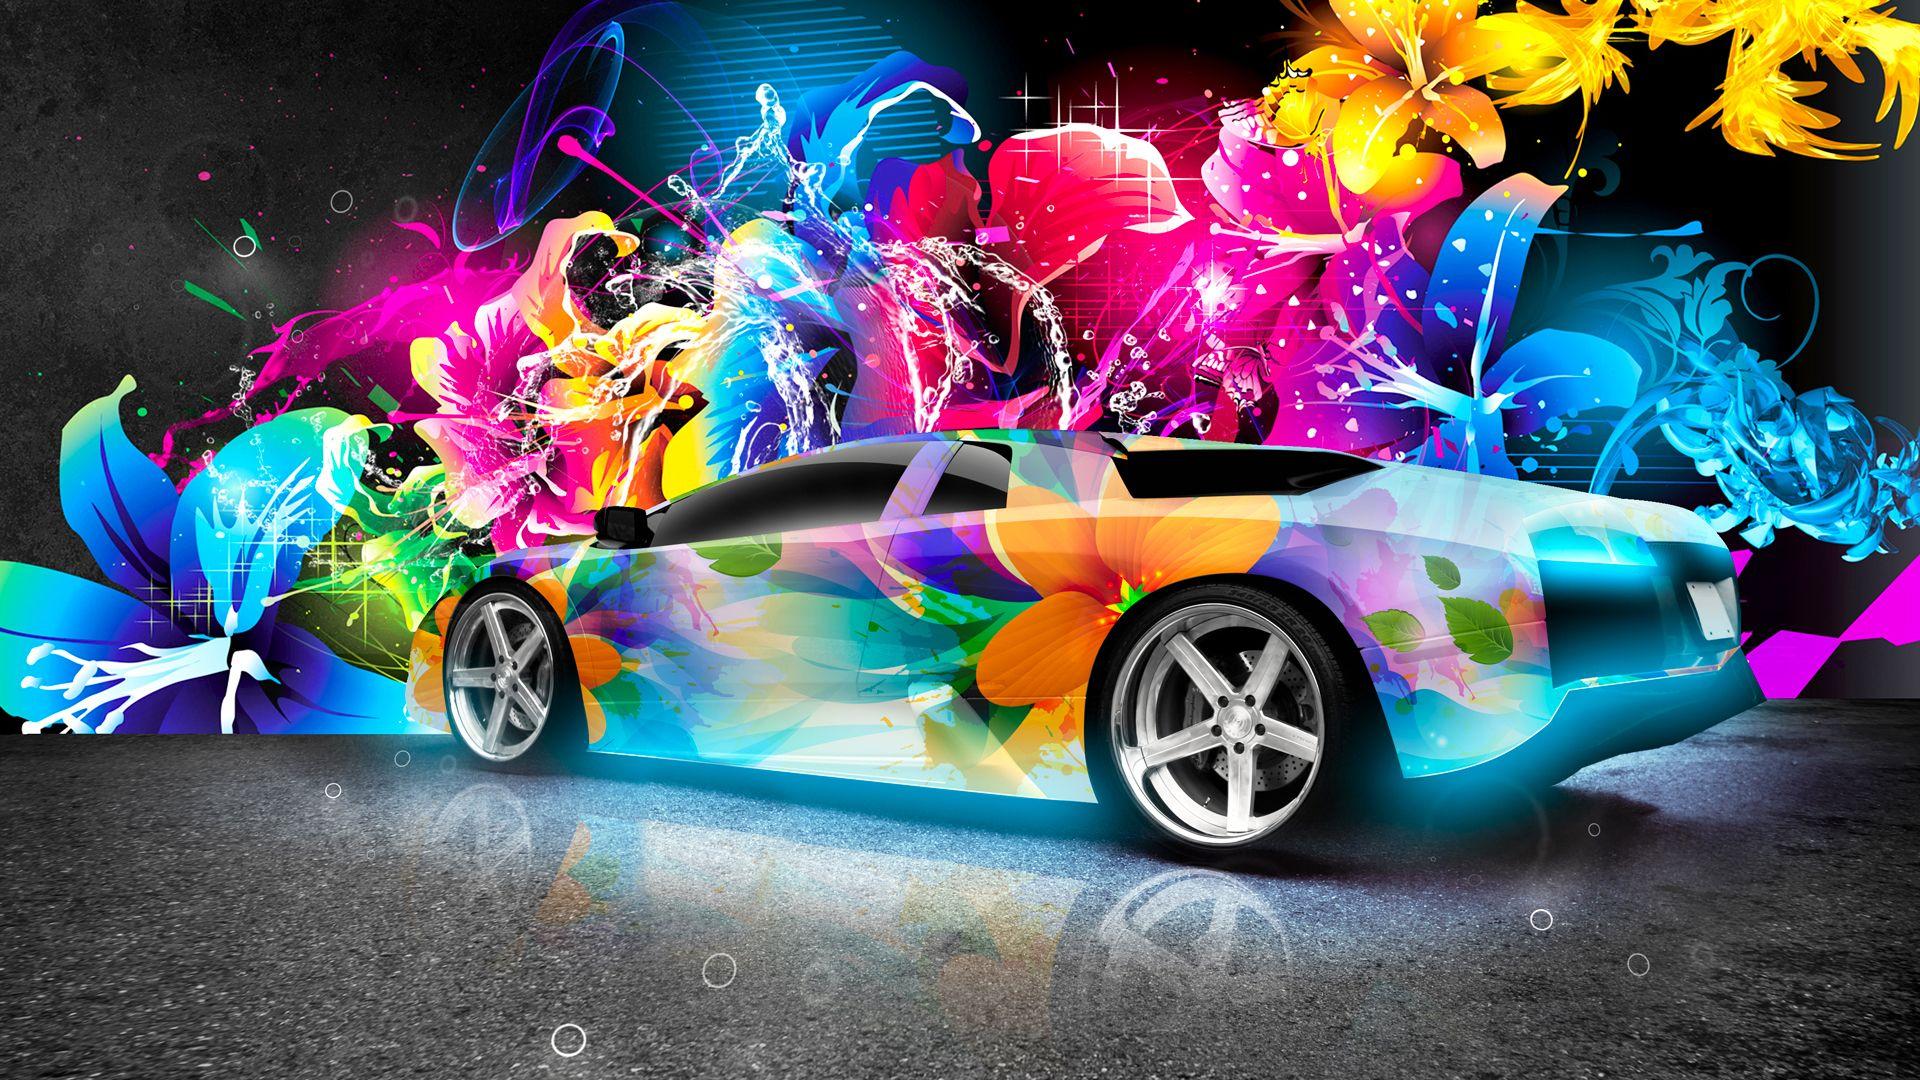 lamborghini murcielago abstract car wallpaper